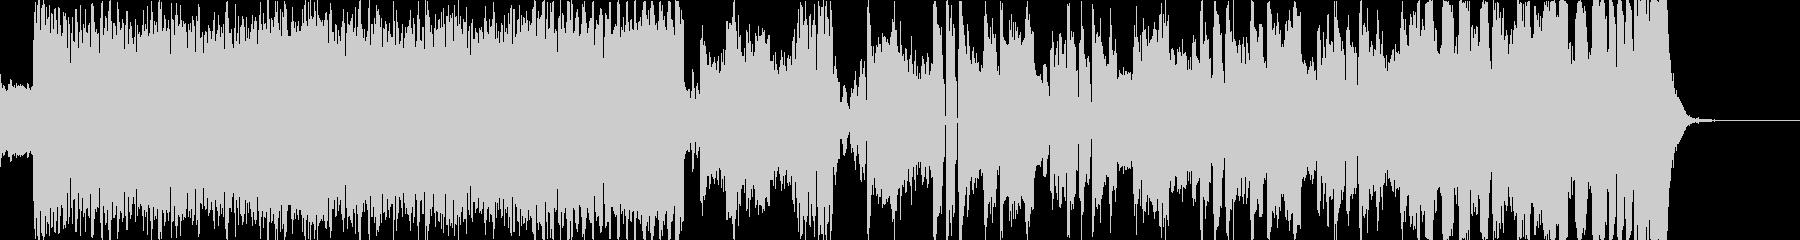 【戦闘等】ピコピコなロック×ダブステップの未再生の波形